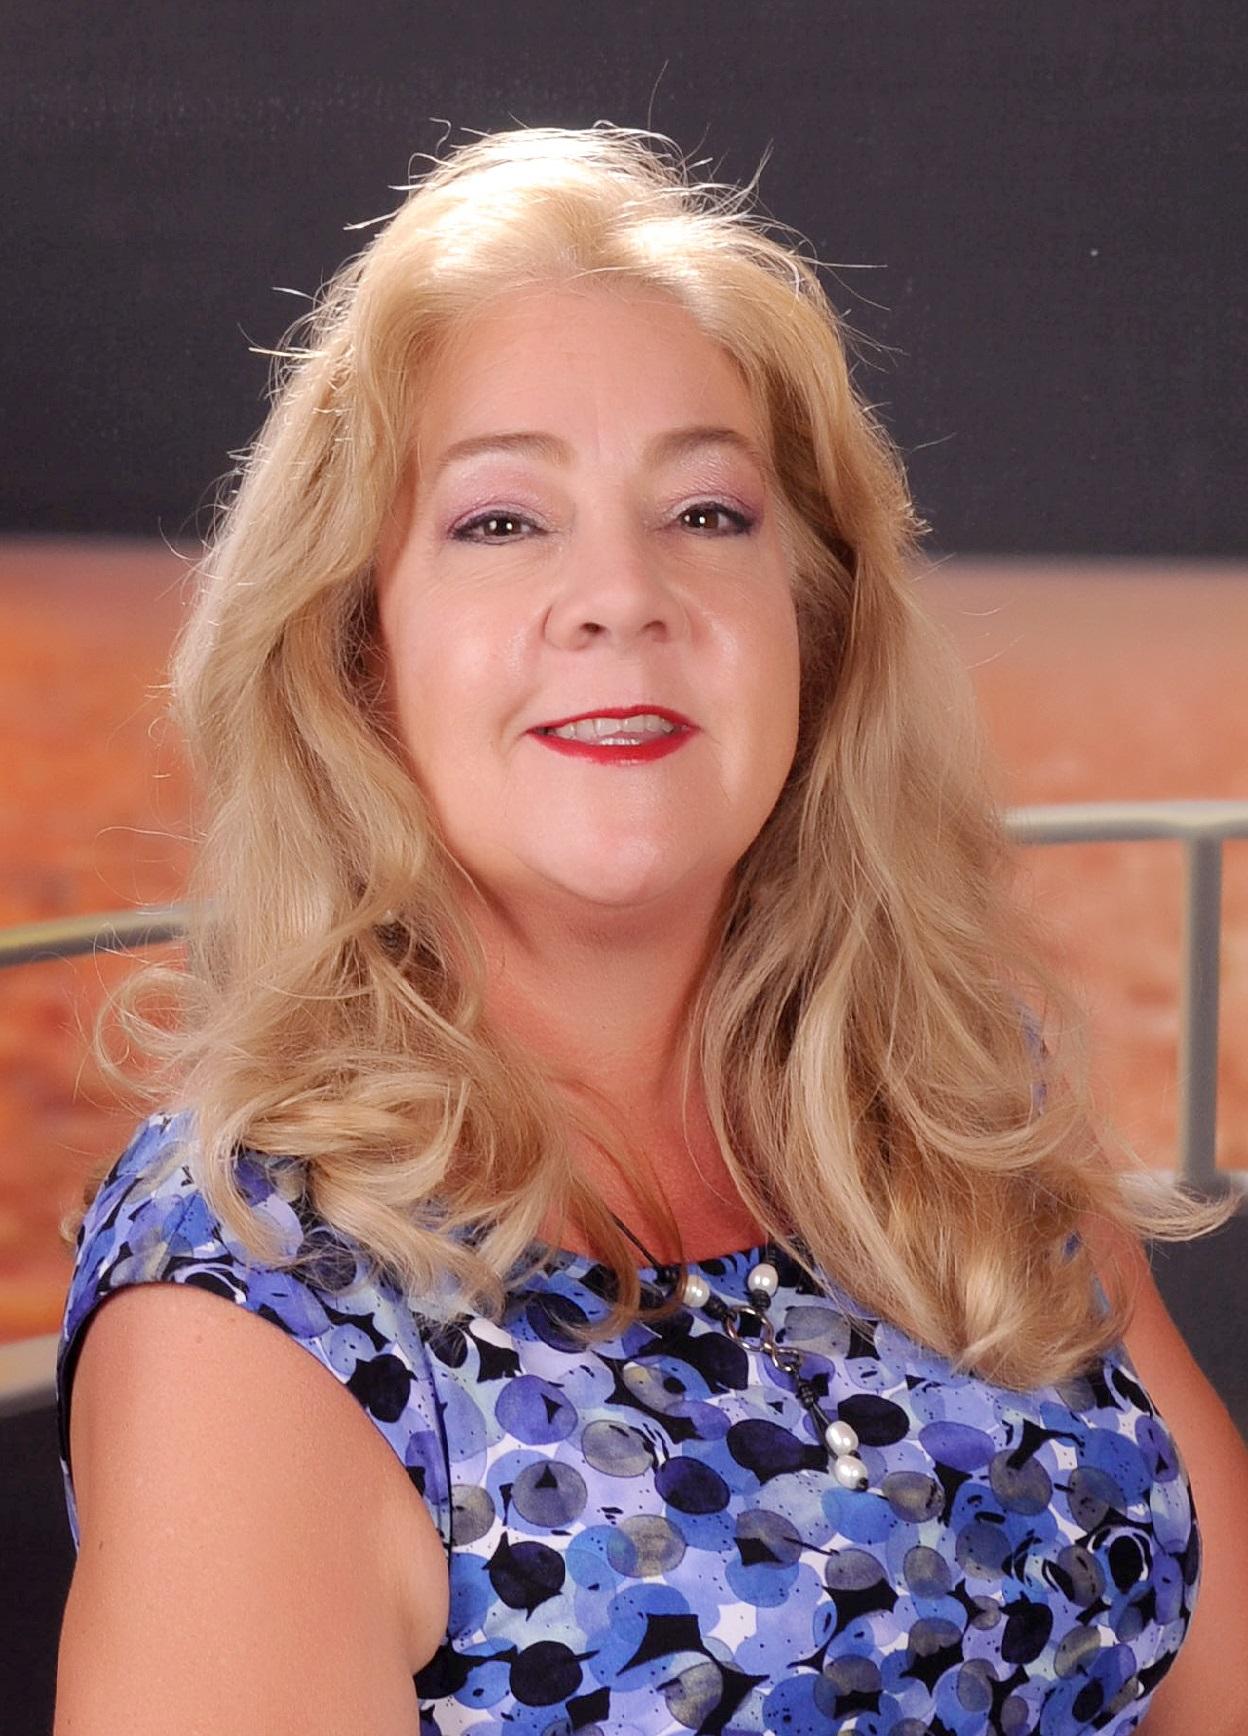 Clare Clawson